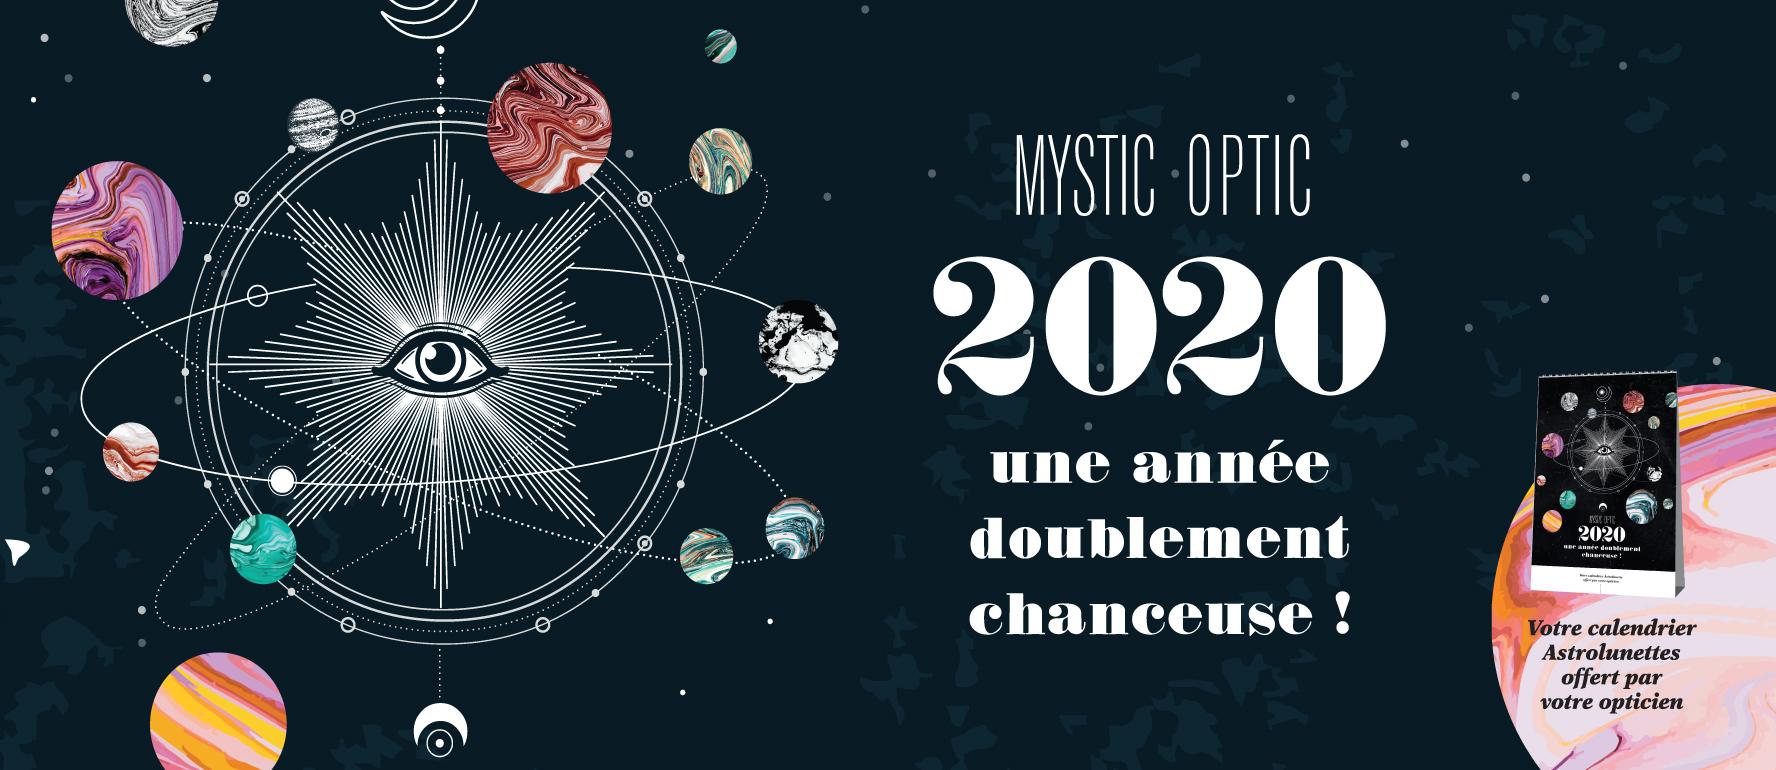 Mystic Optic 2020